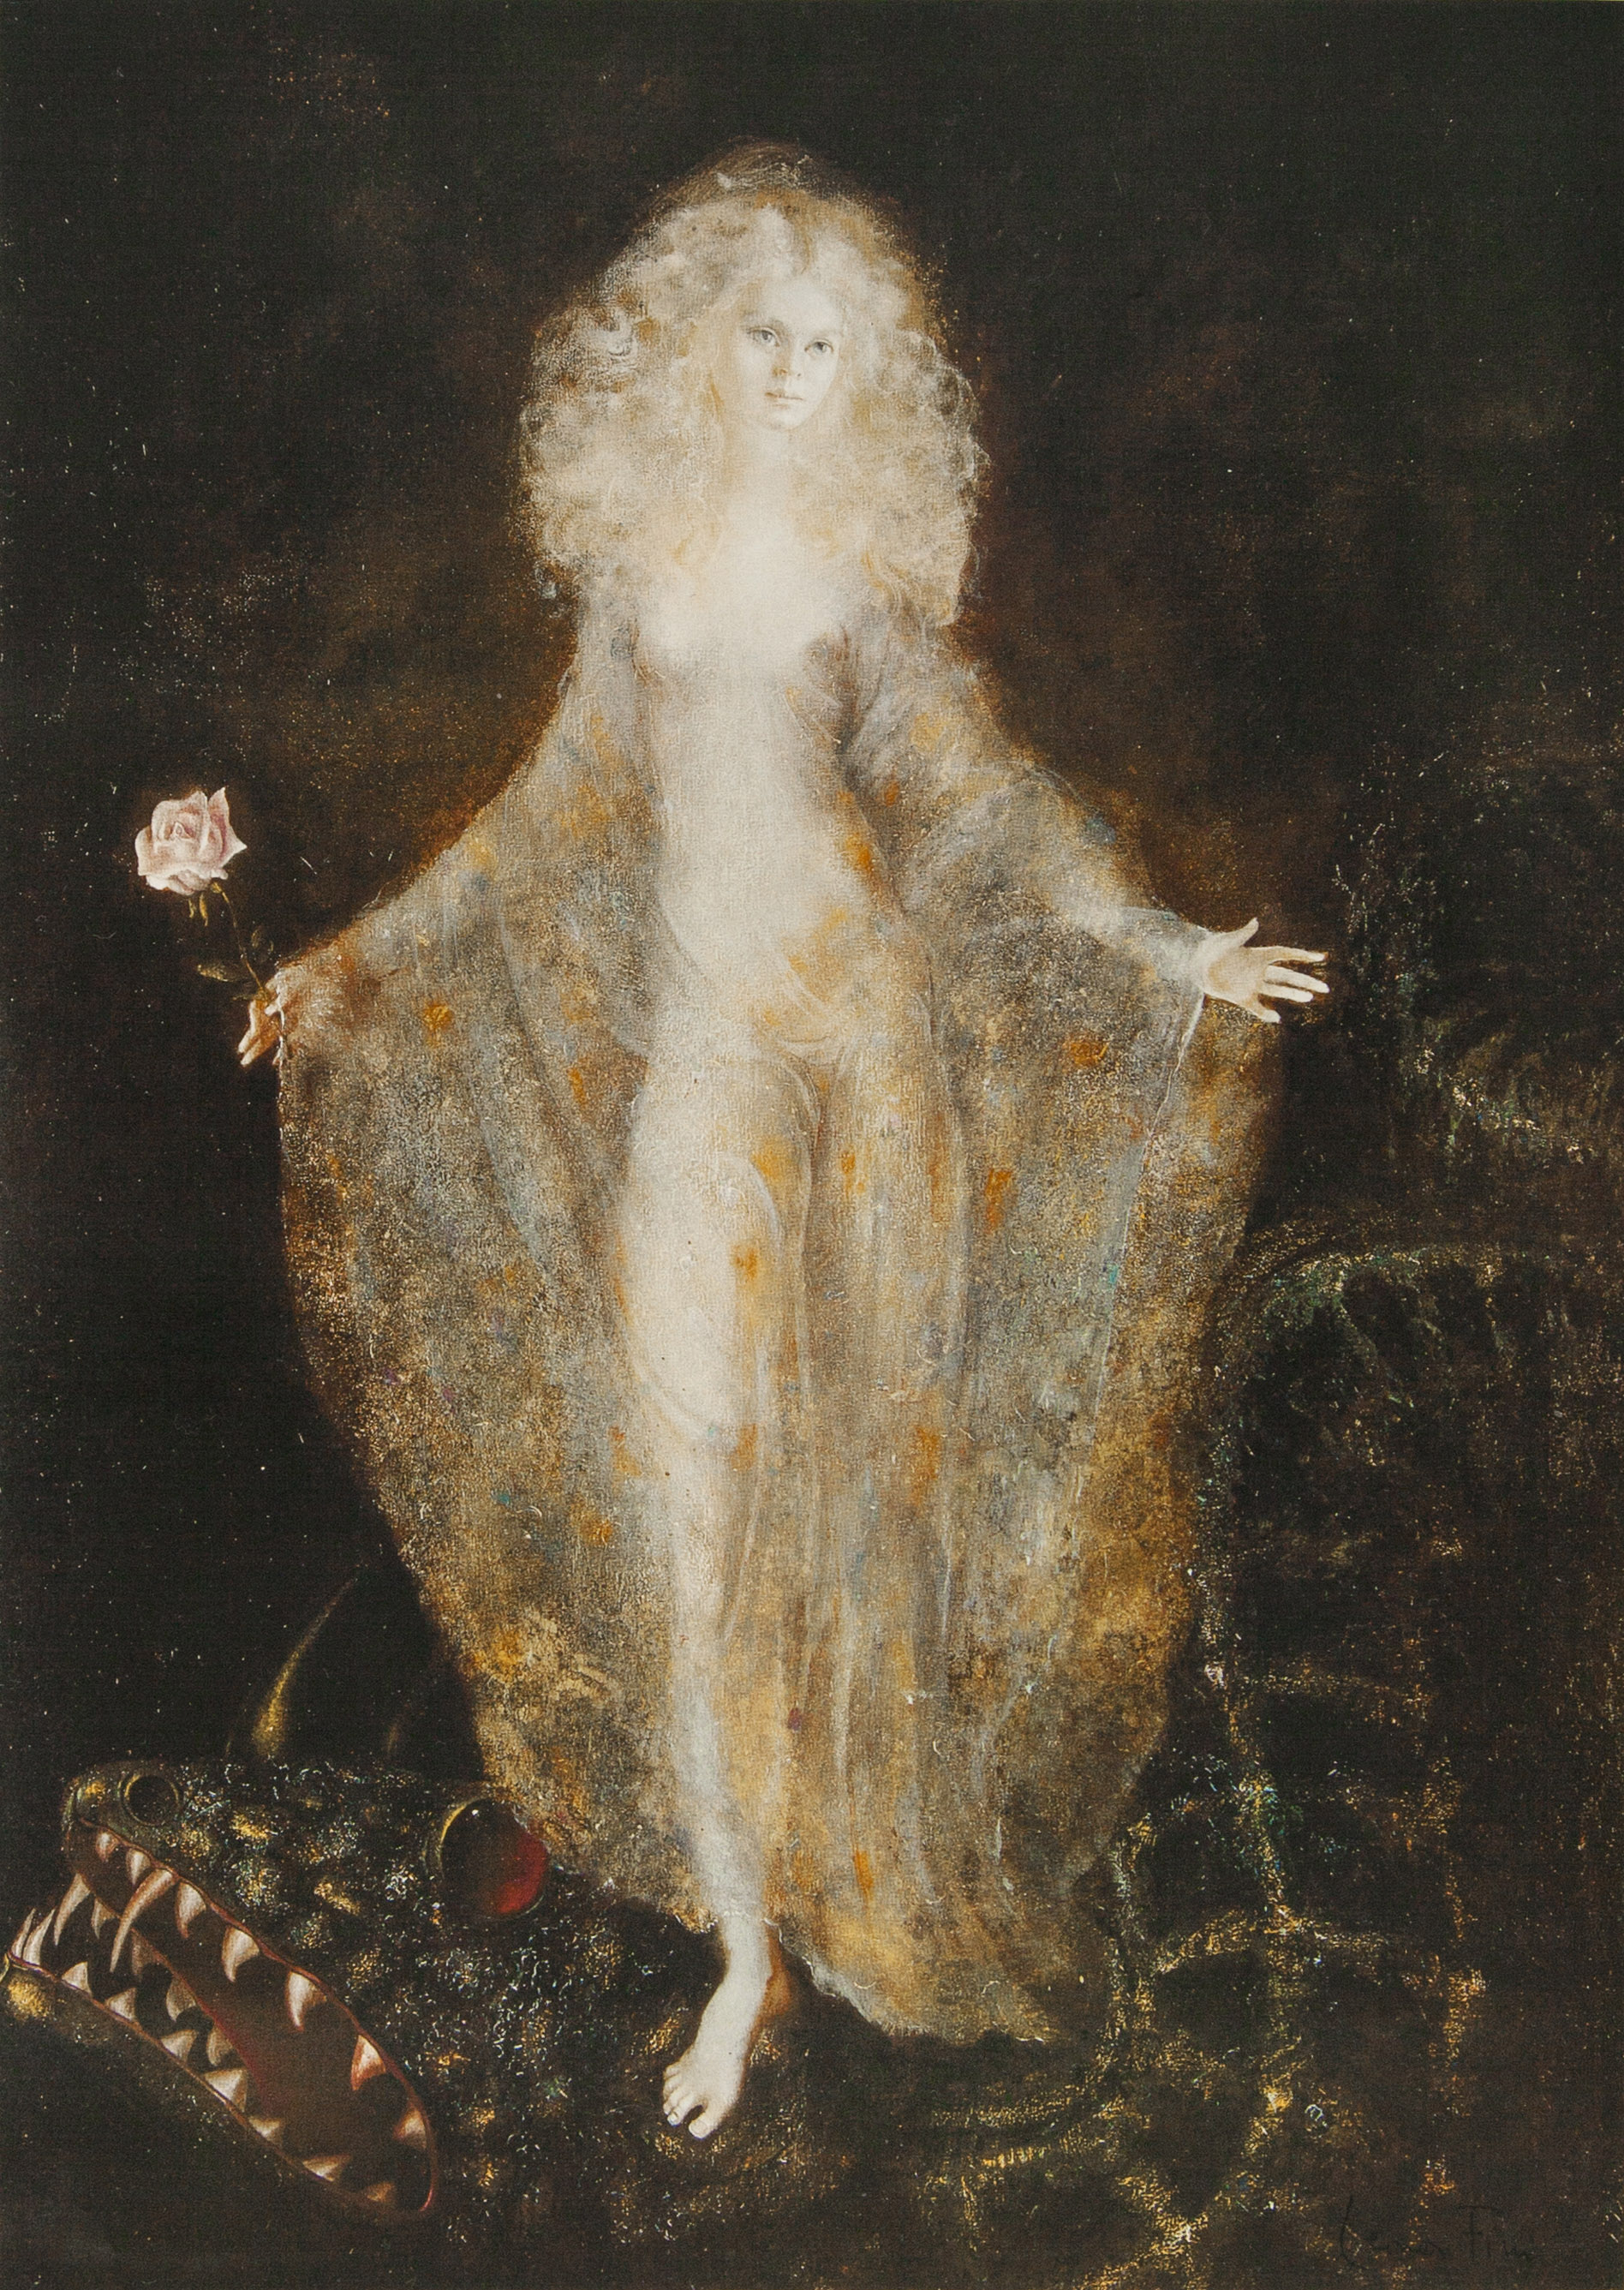 Leonor-Fini-La-Passagere-1964.jpg